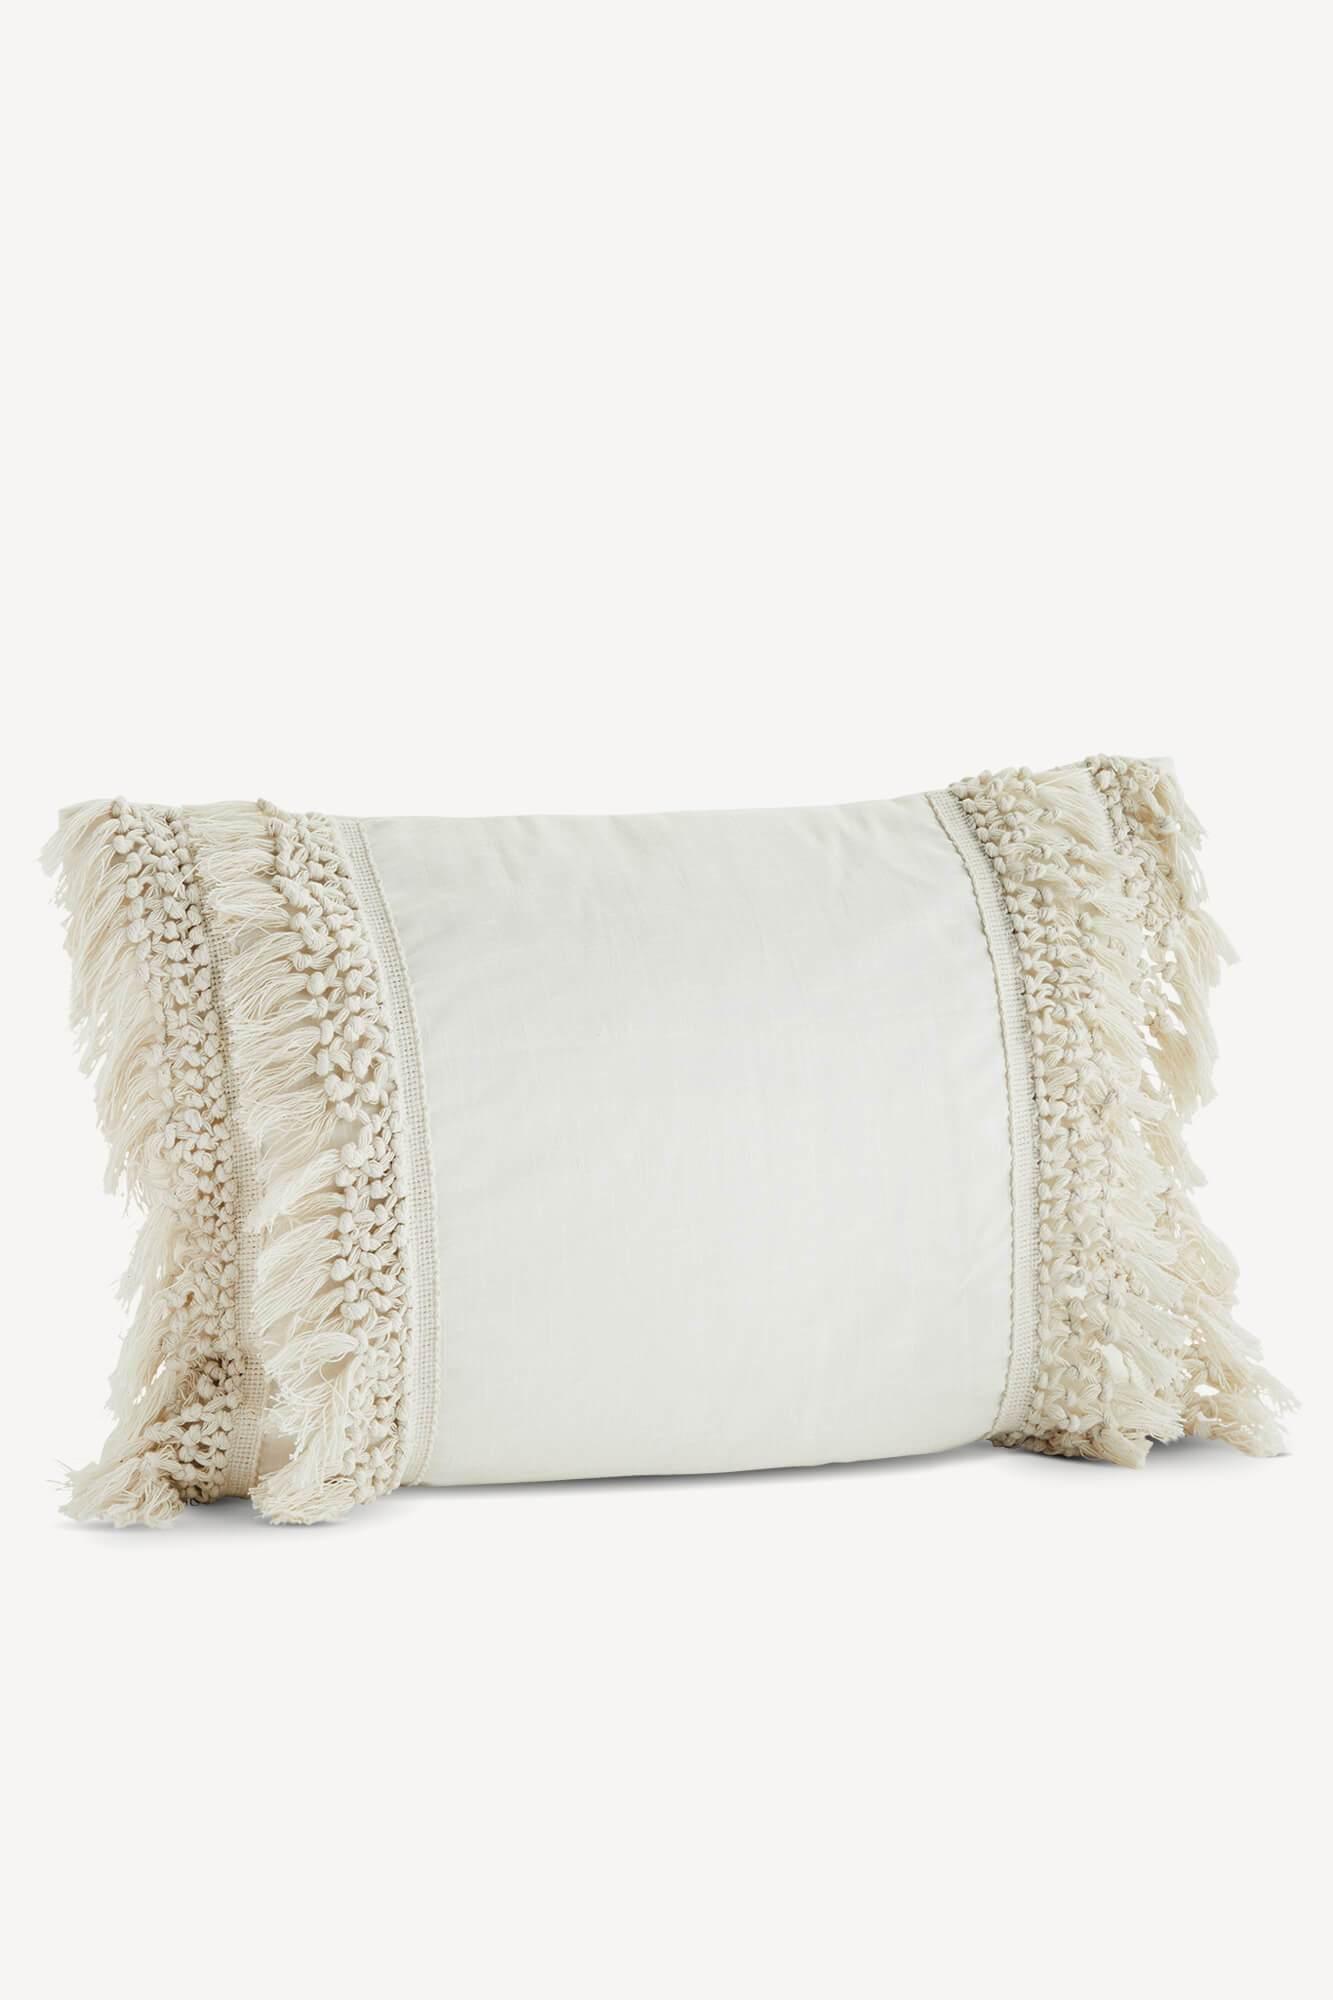 housse de coussin blanc cassé en coton de la marque madam stoltz